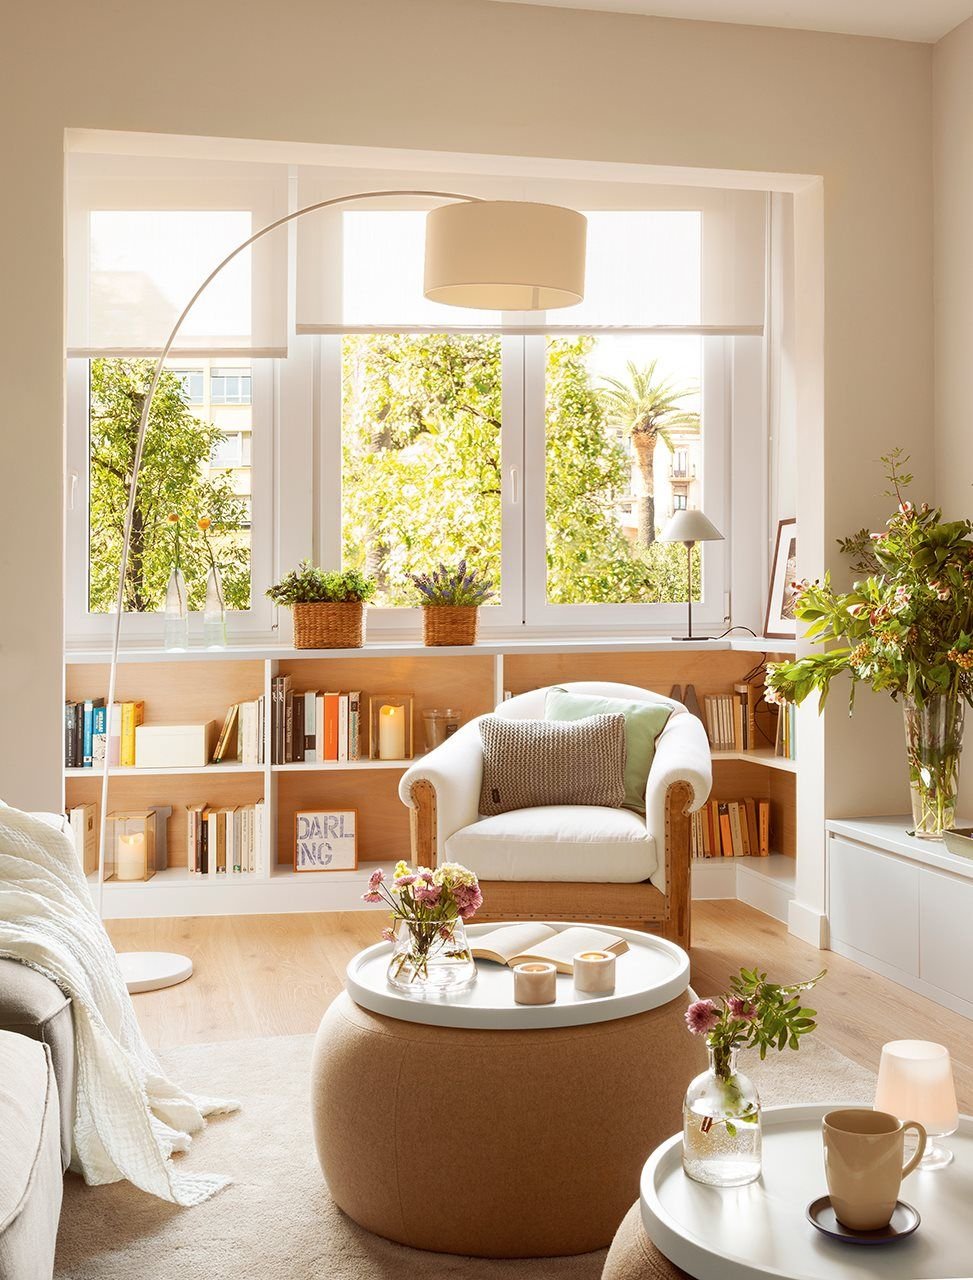 Innenarchitektur für wohnzimmer für kleines haus  salones pequeños con ideas geniales  elmueble  salones